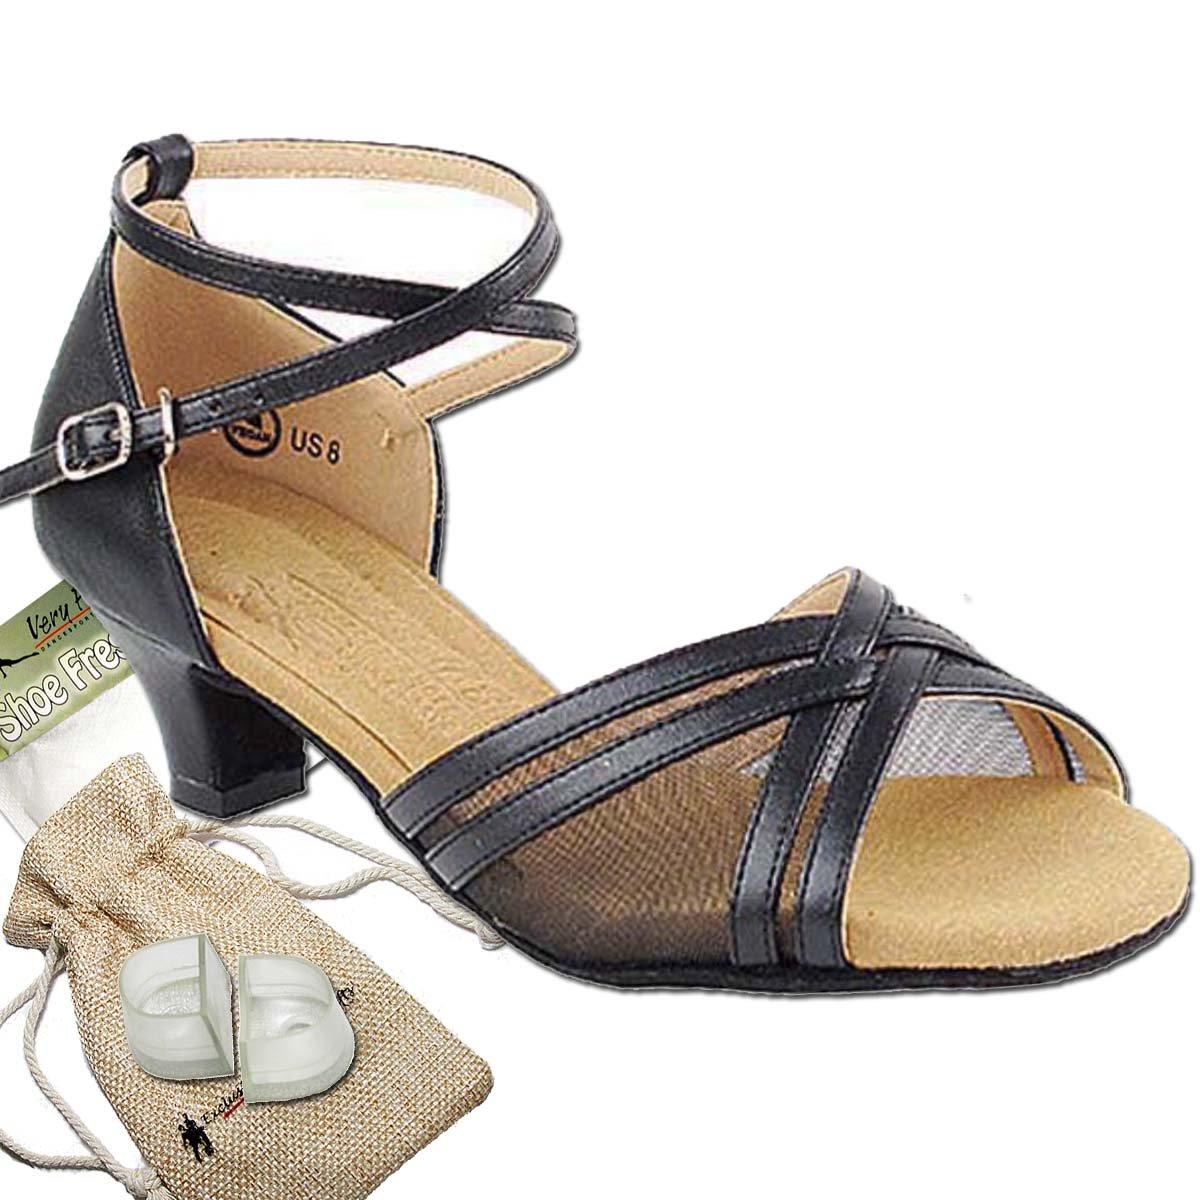 超可爱の [Very Fine Fine Shoes] ブラックレザー レディース B009XUHXCQ 7 7 (B,M) US|ブラックレザー ブラックレザー 7 (B,M) US, 書道用品 奈良 寿香堂:cb6f6c90 --- a0267596.xsph.ru